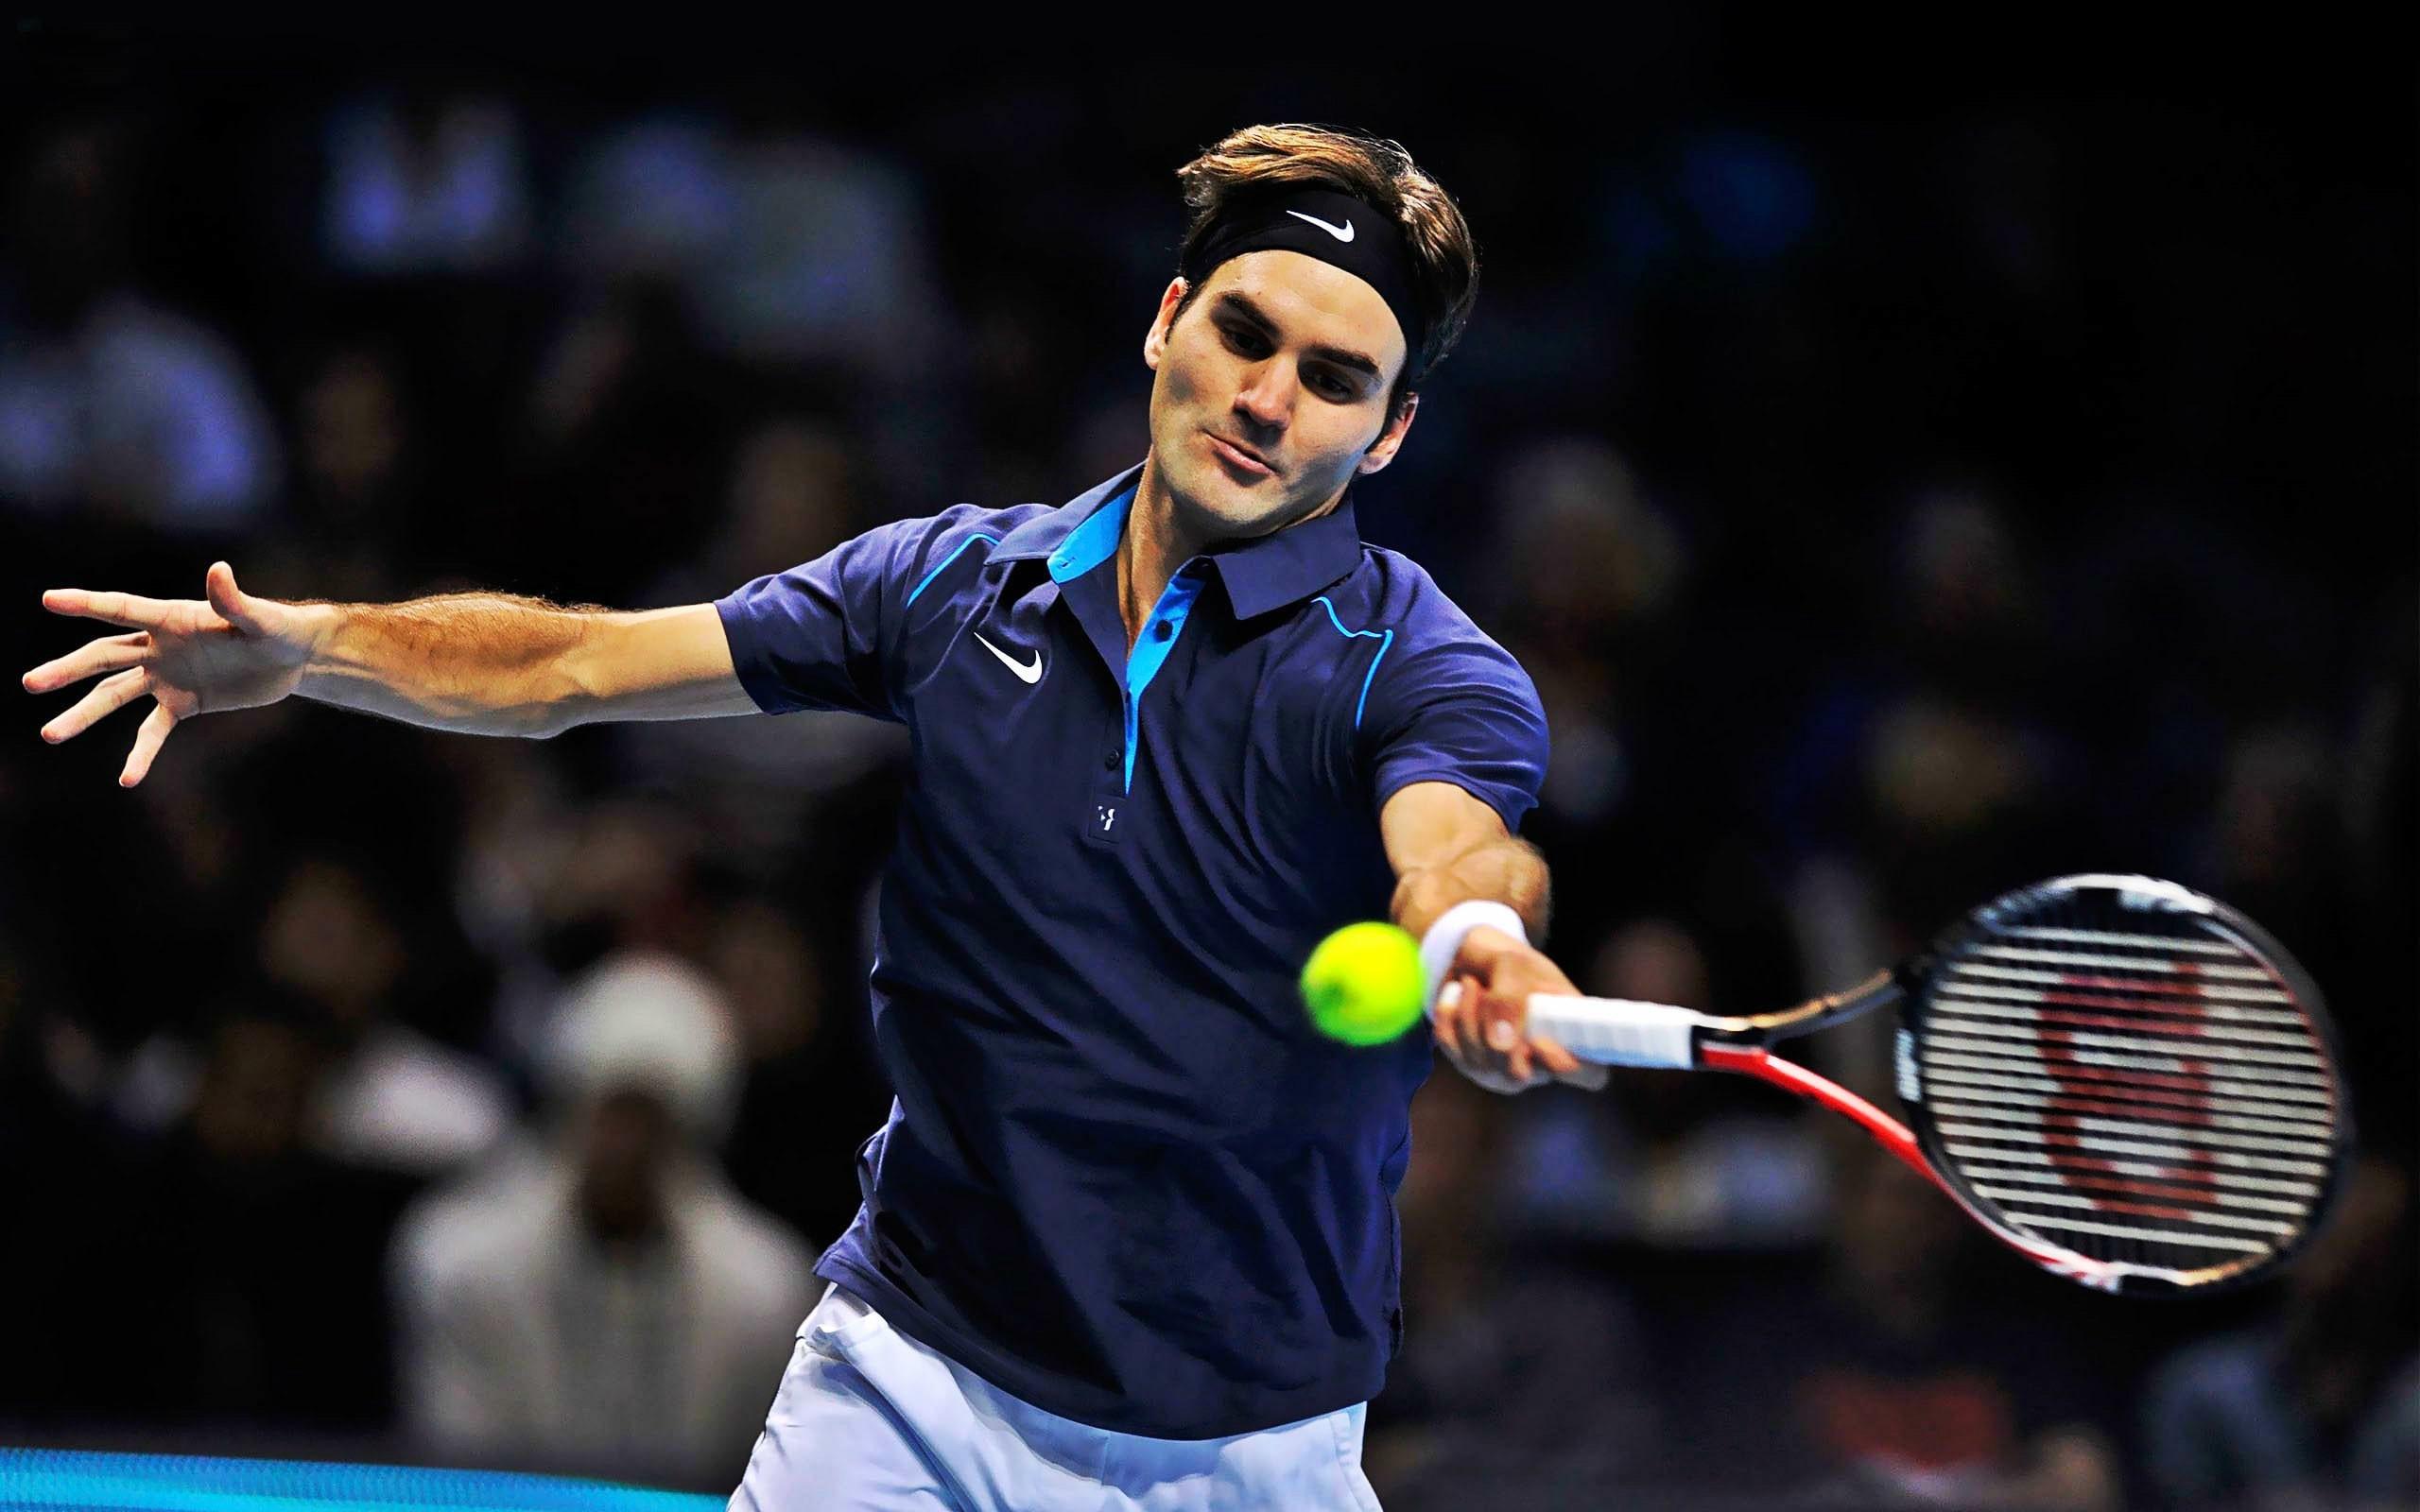 Roger Federer Swiss Tennis Player wallpaper   Desktop Wallpapers    Pinterest   Roger federer, Wallpaper and Hd wallpaper